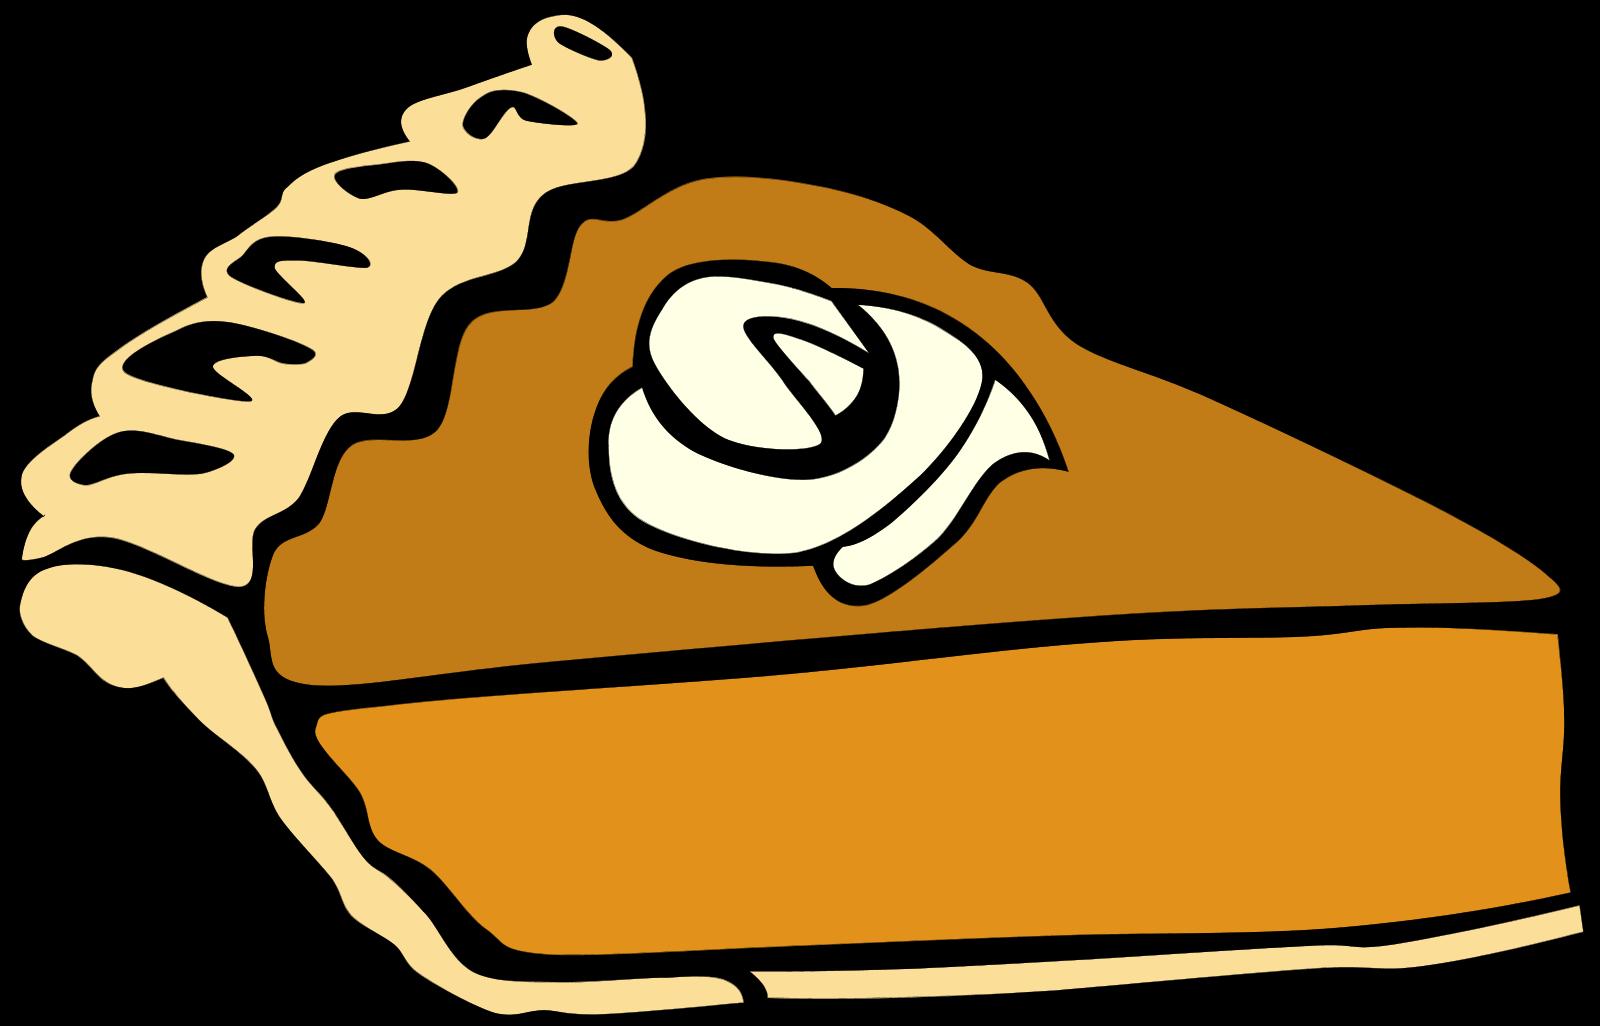 Turkey Food Clipart - Clipart Kid